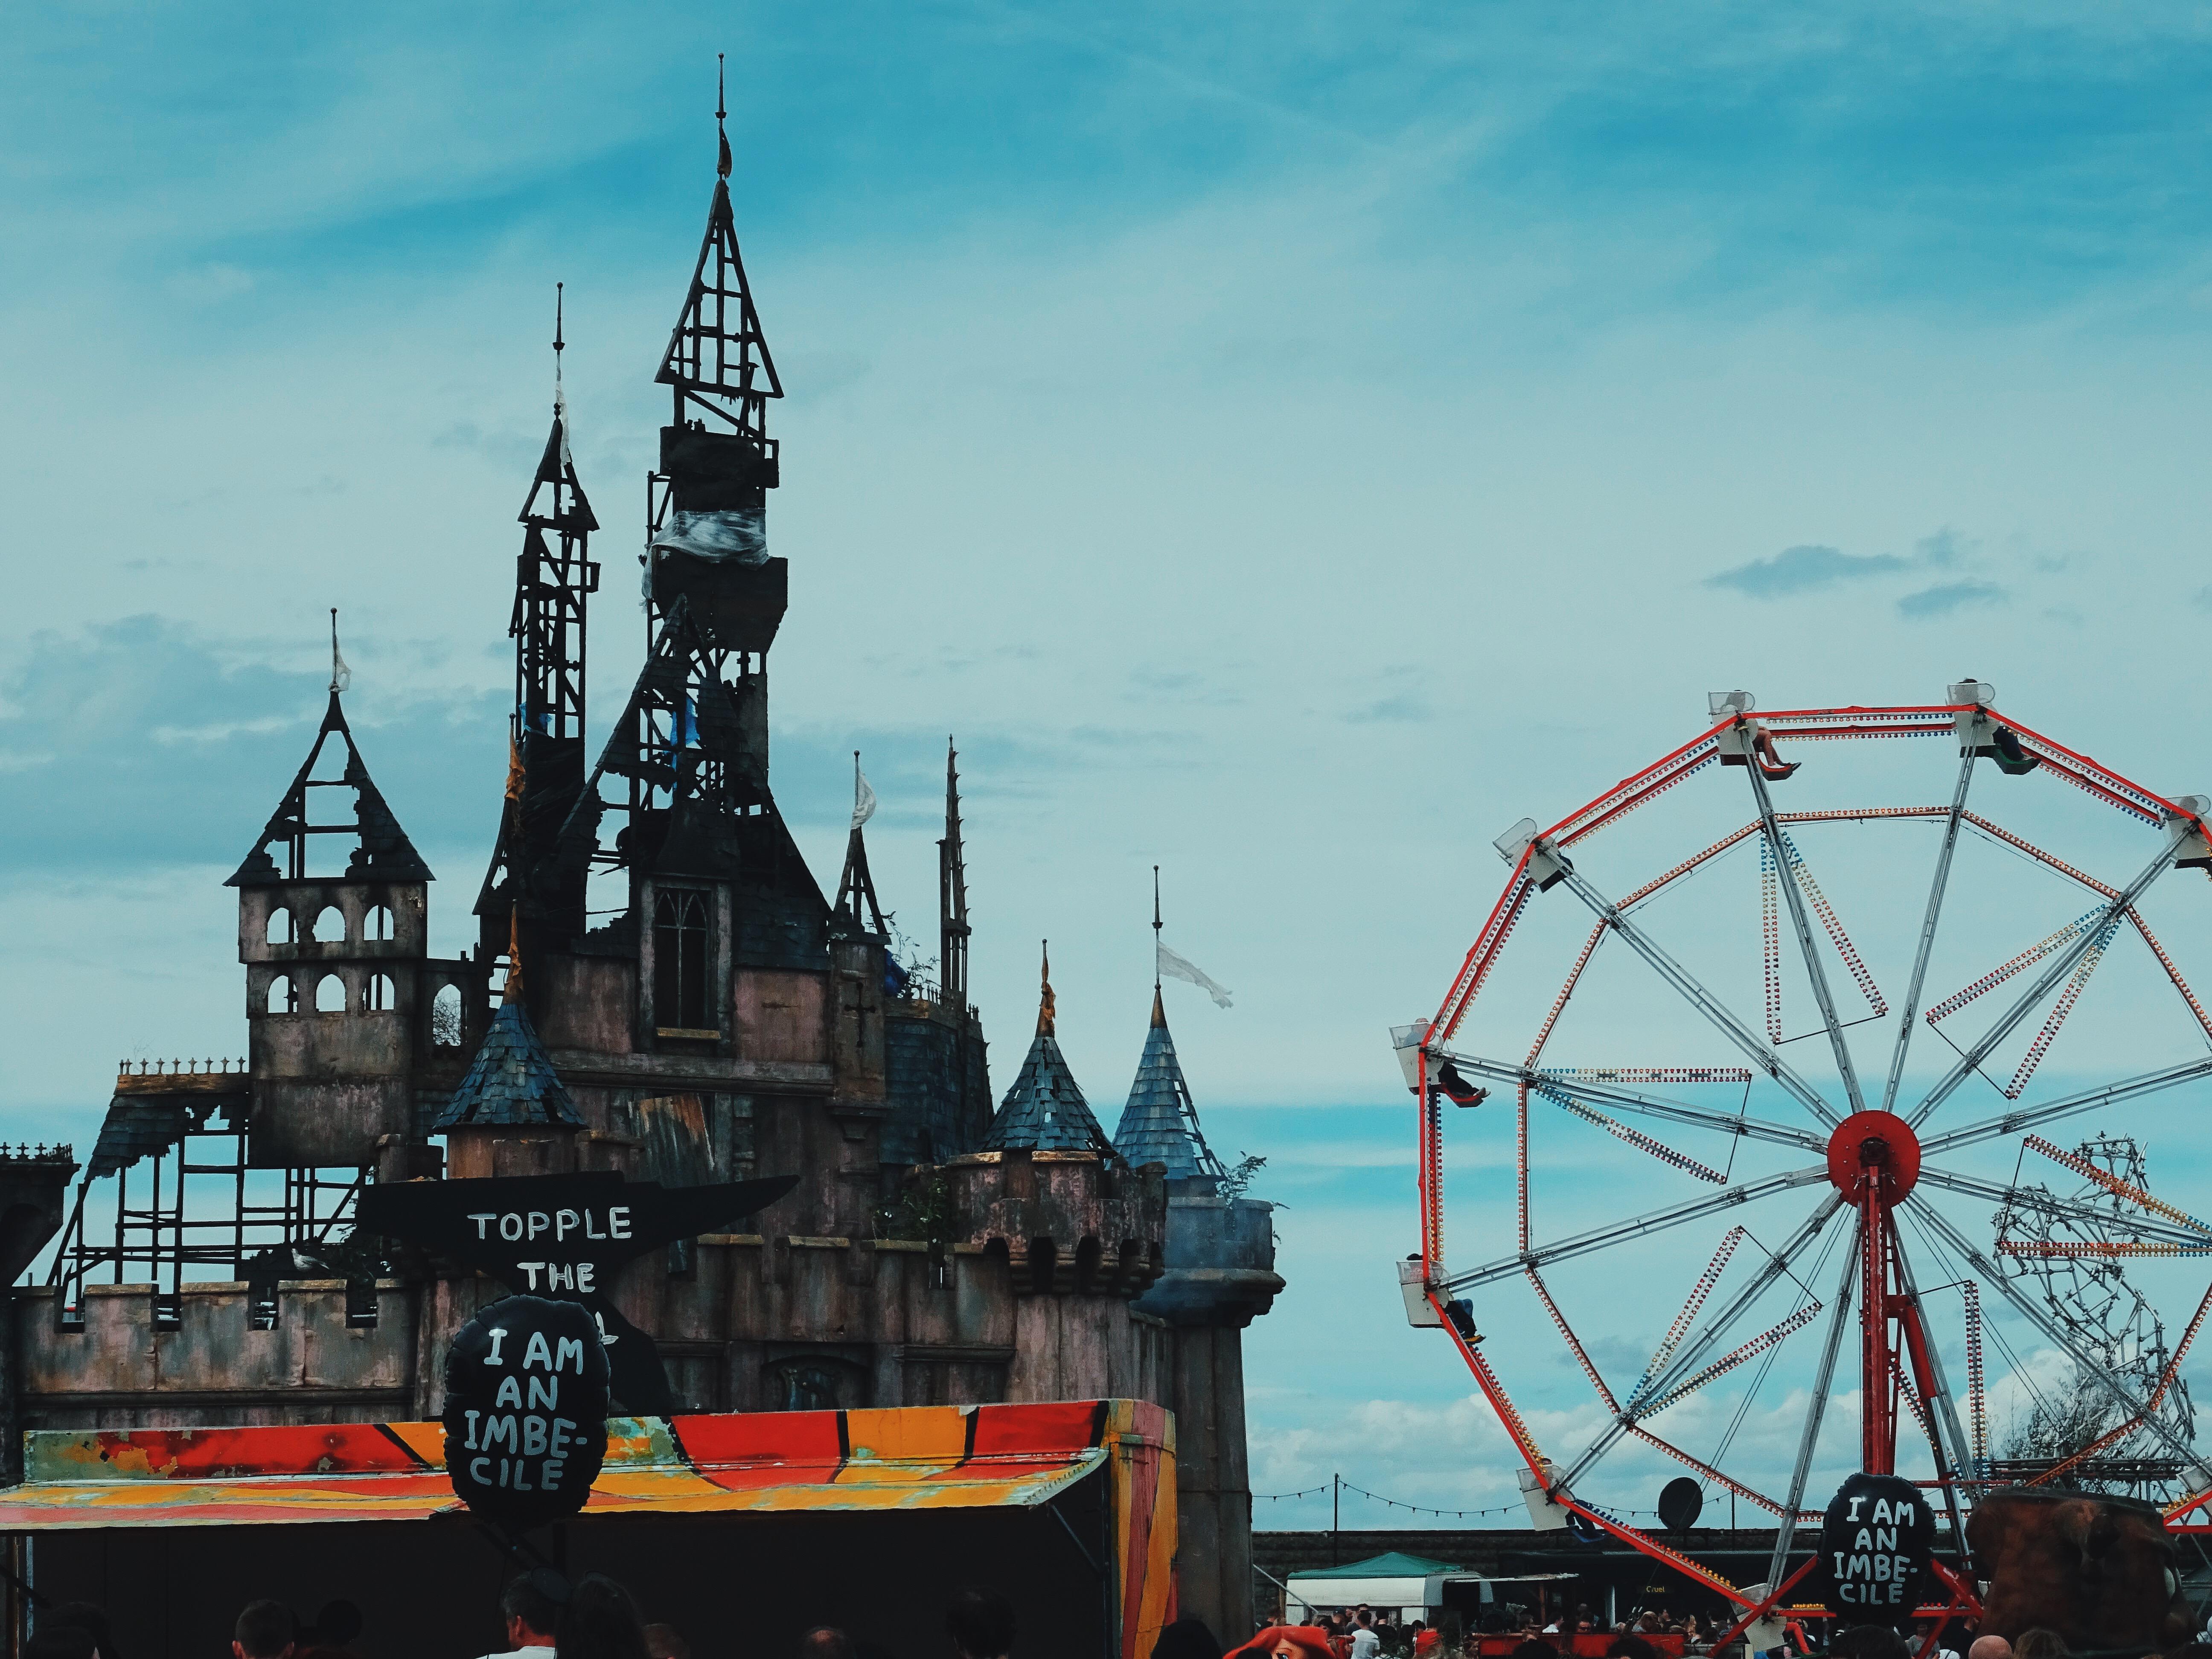 Banksy Dismaland Cinderella's Castle